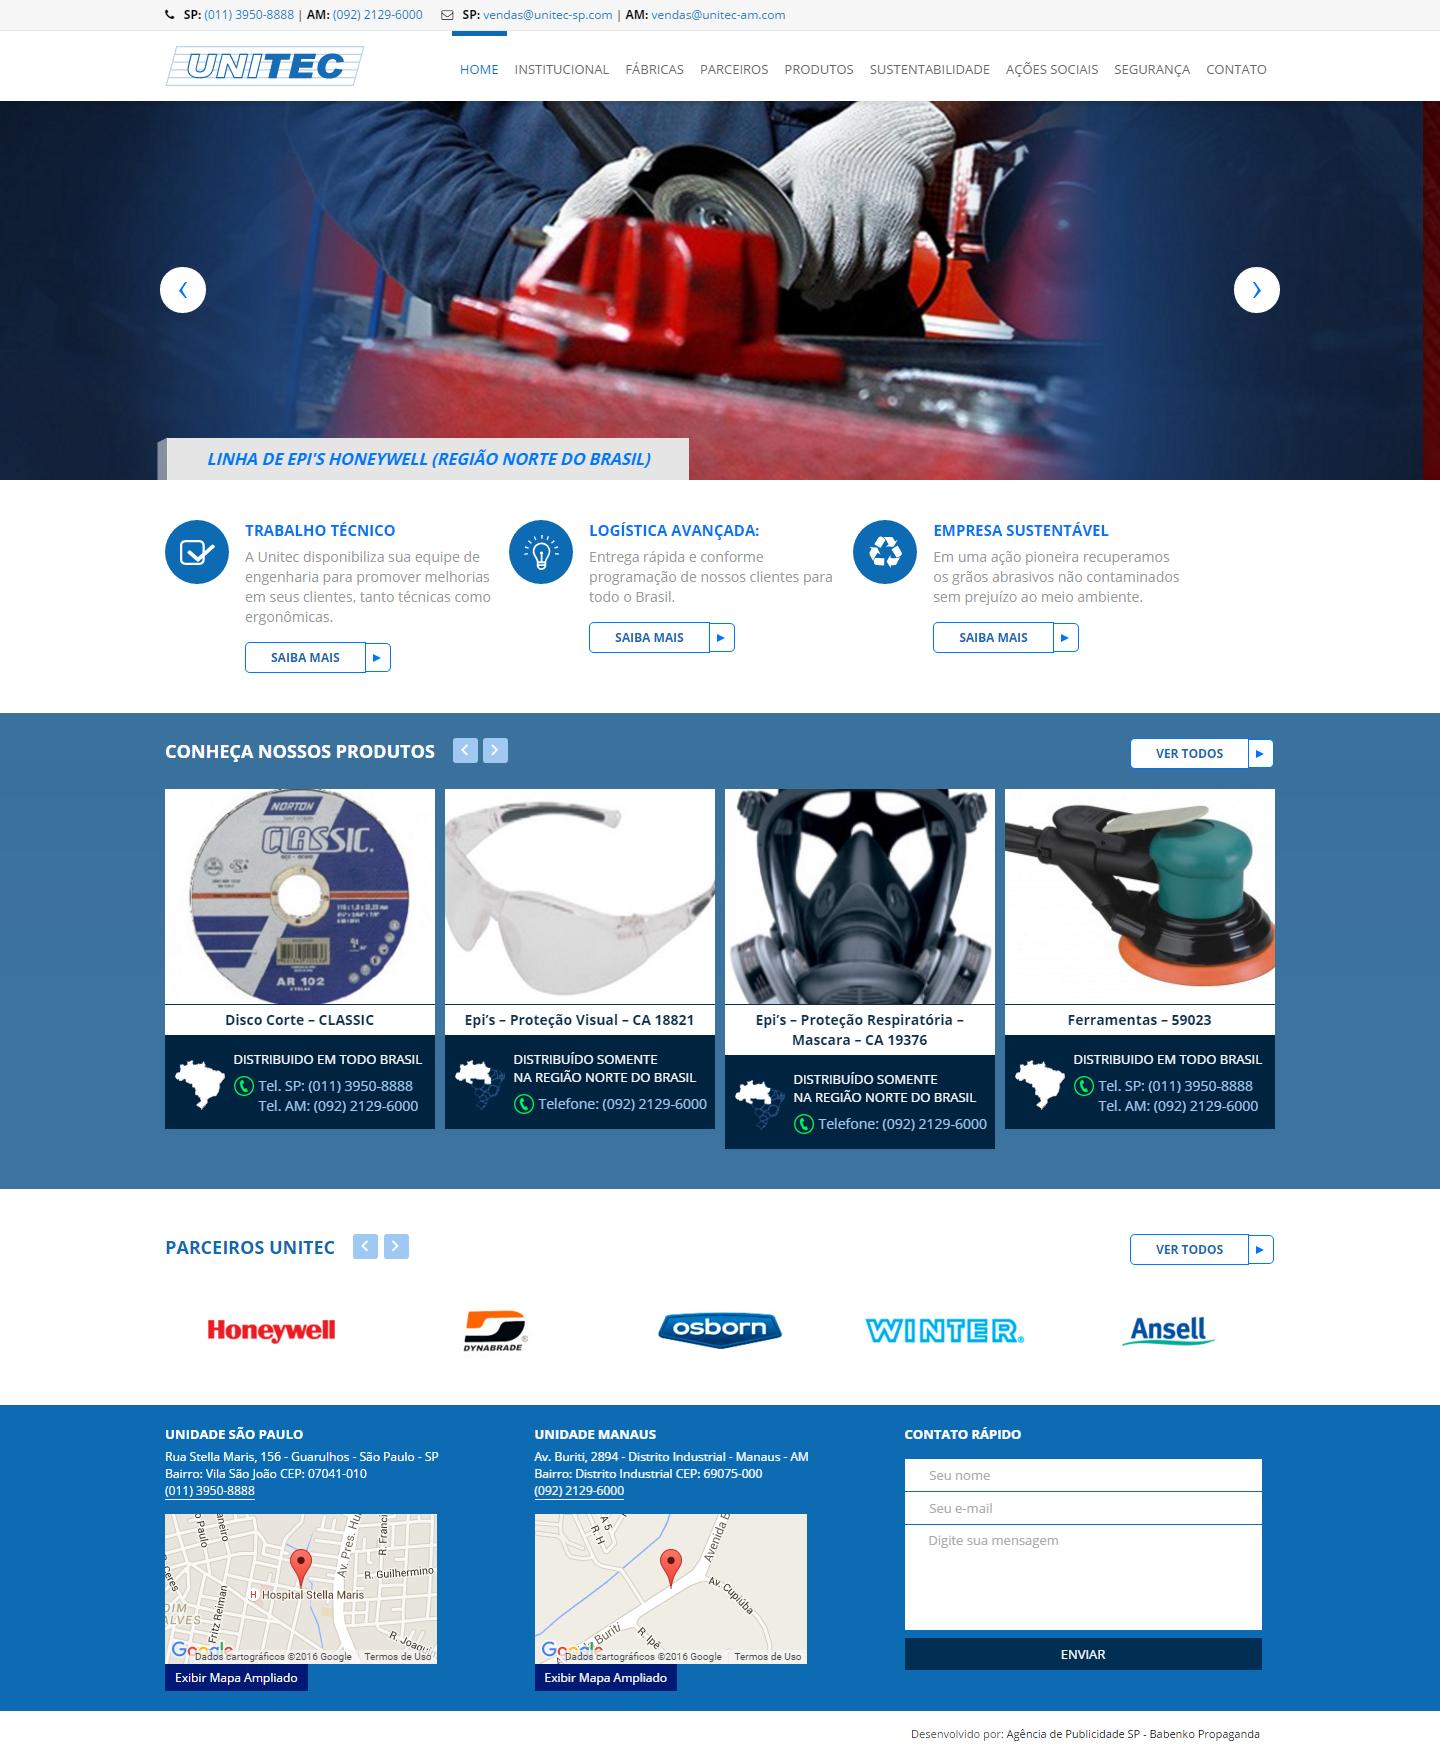 BABENKO agencia publicidade - Desenvolvimento Criação de Design de Sites Unitec